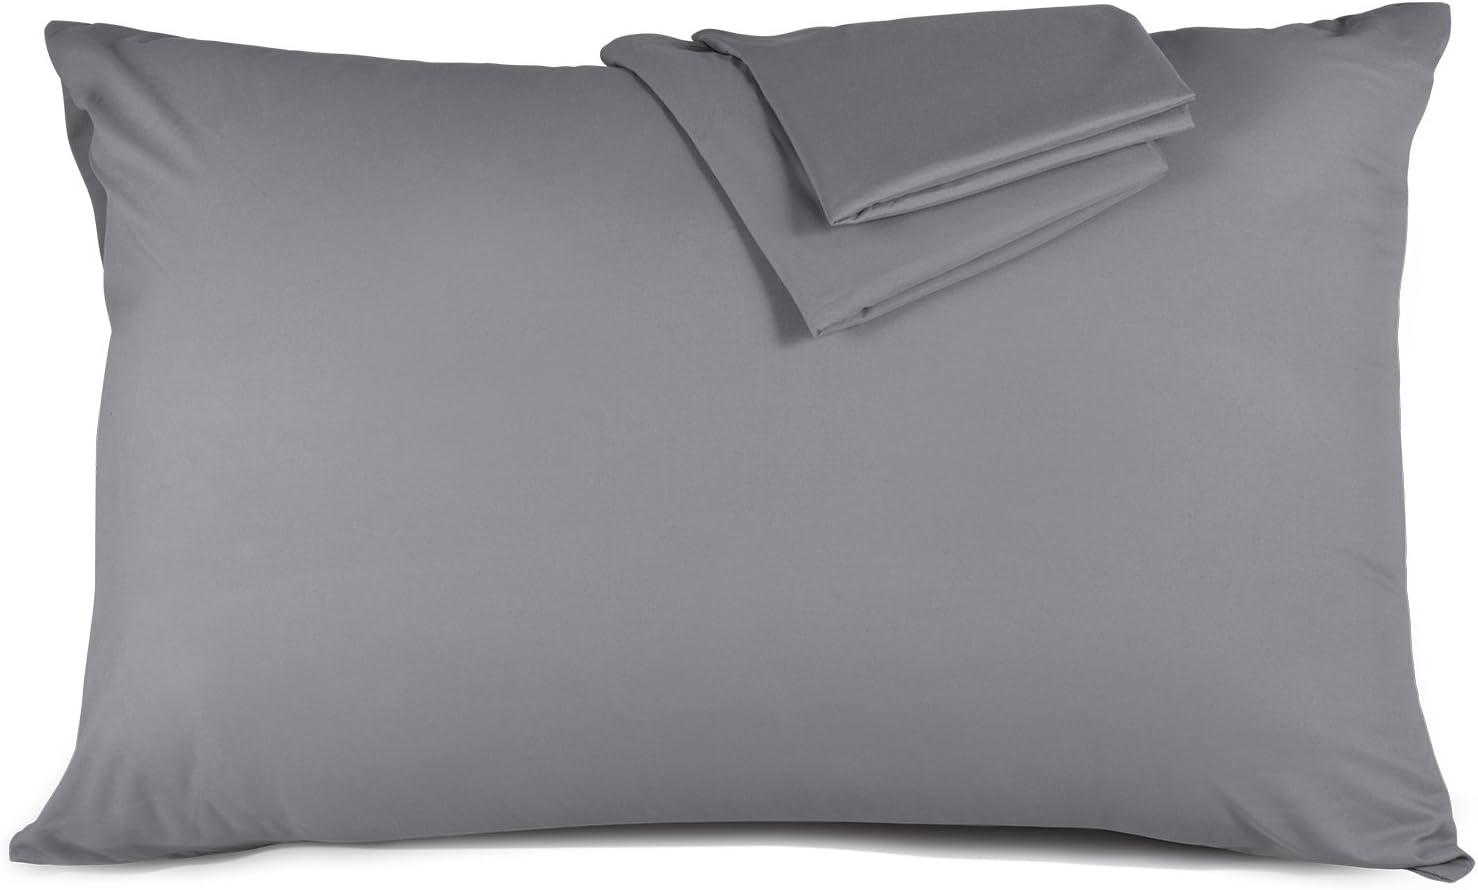 ADORIC Taie doreiller 50x70cm Taies dOreillers 100/% Microfibre Doux Confortable Peu Salissant 50cmx70cm-Noir Lot de 2